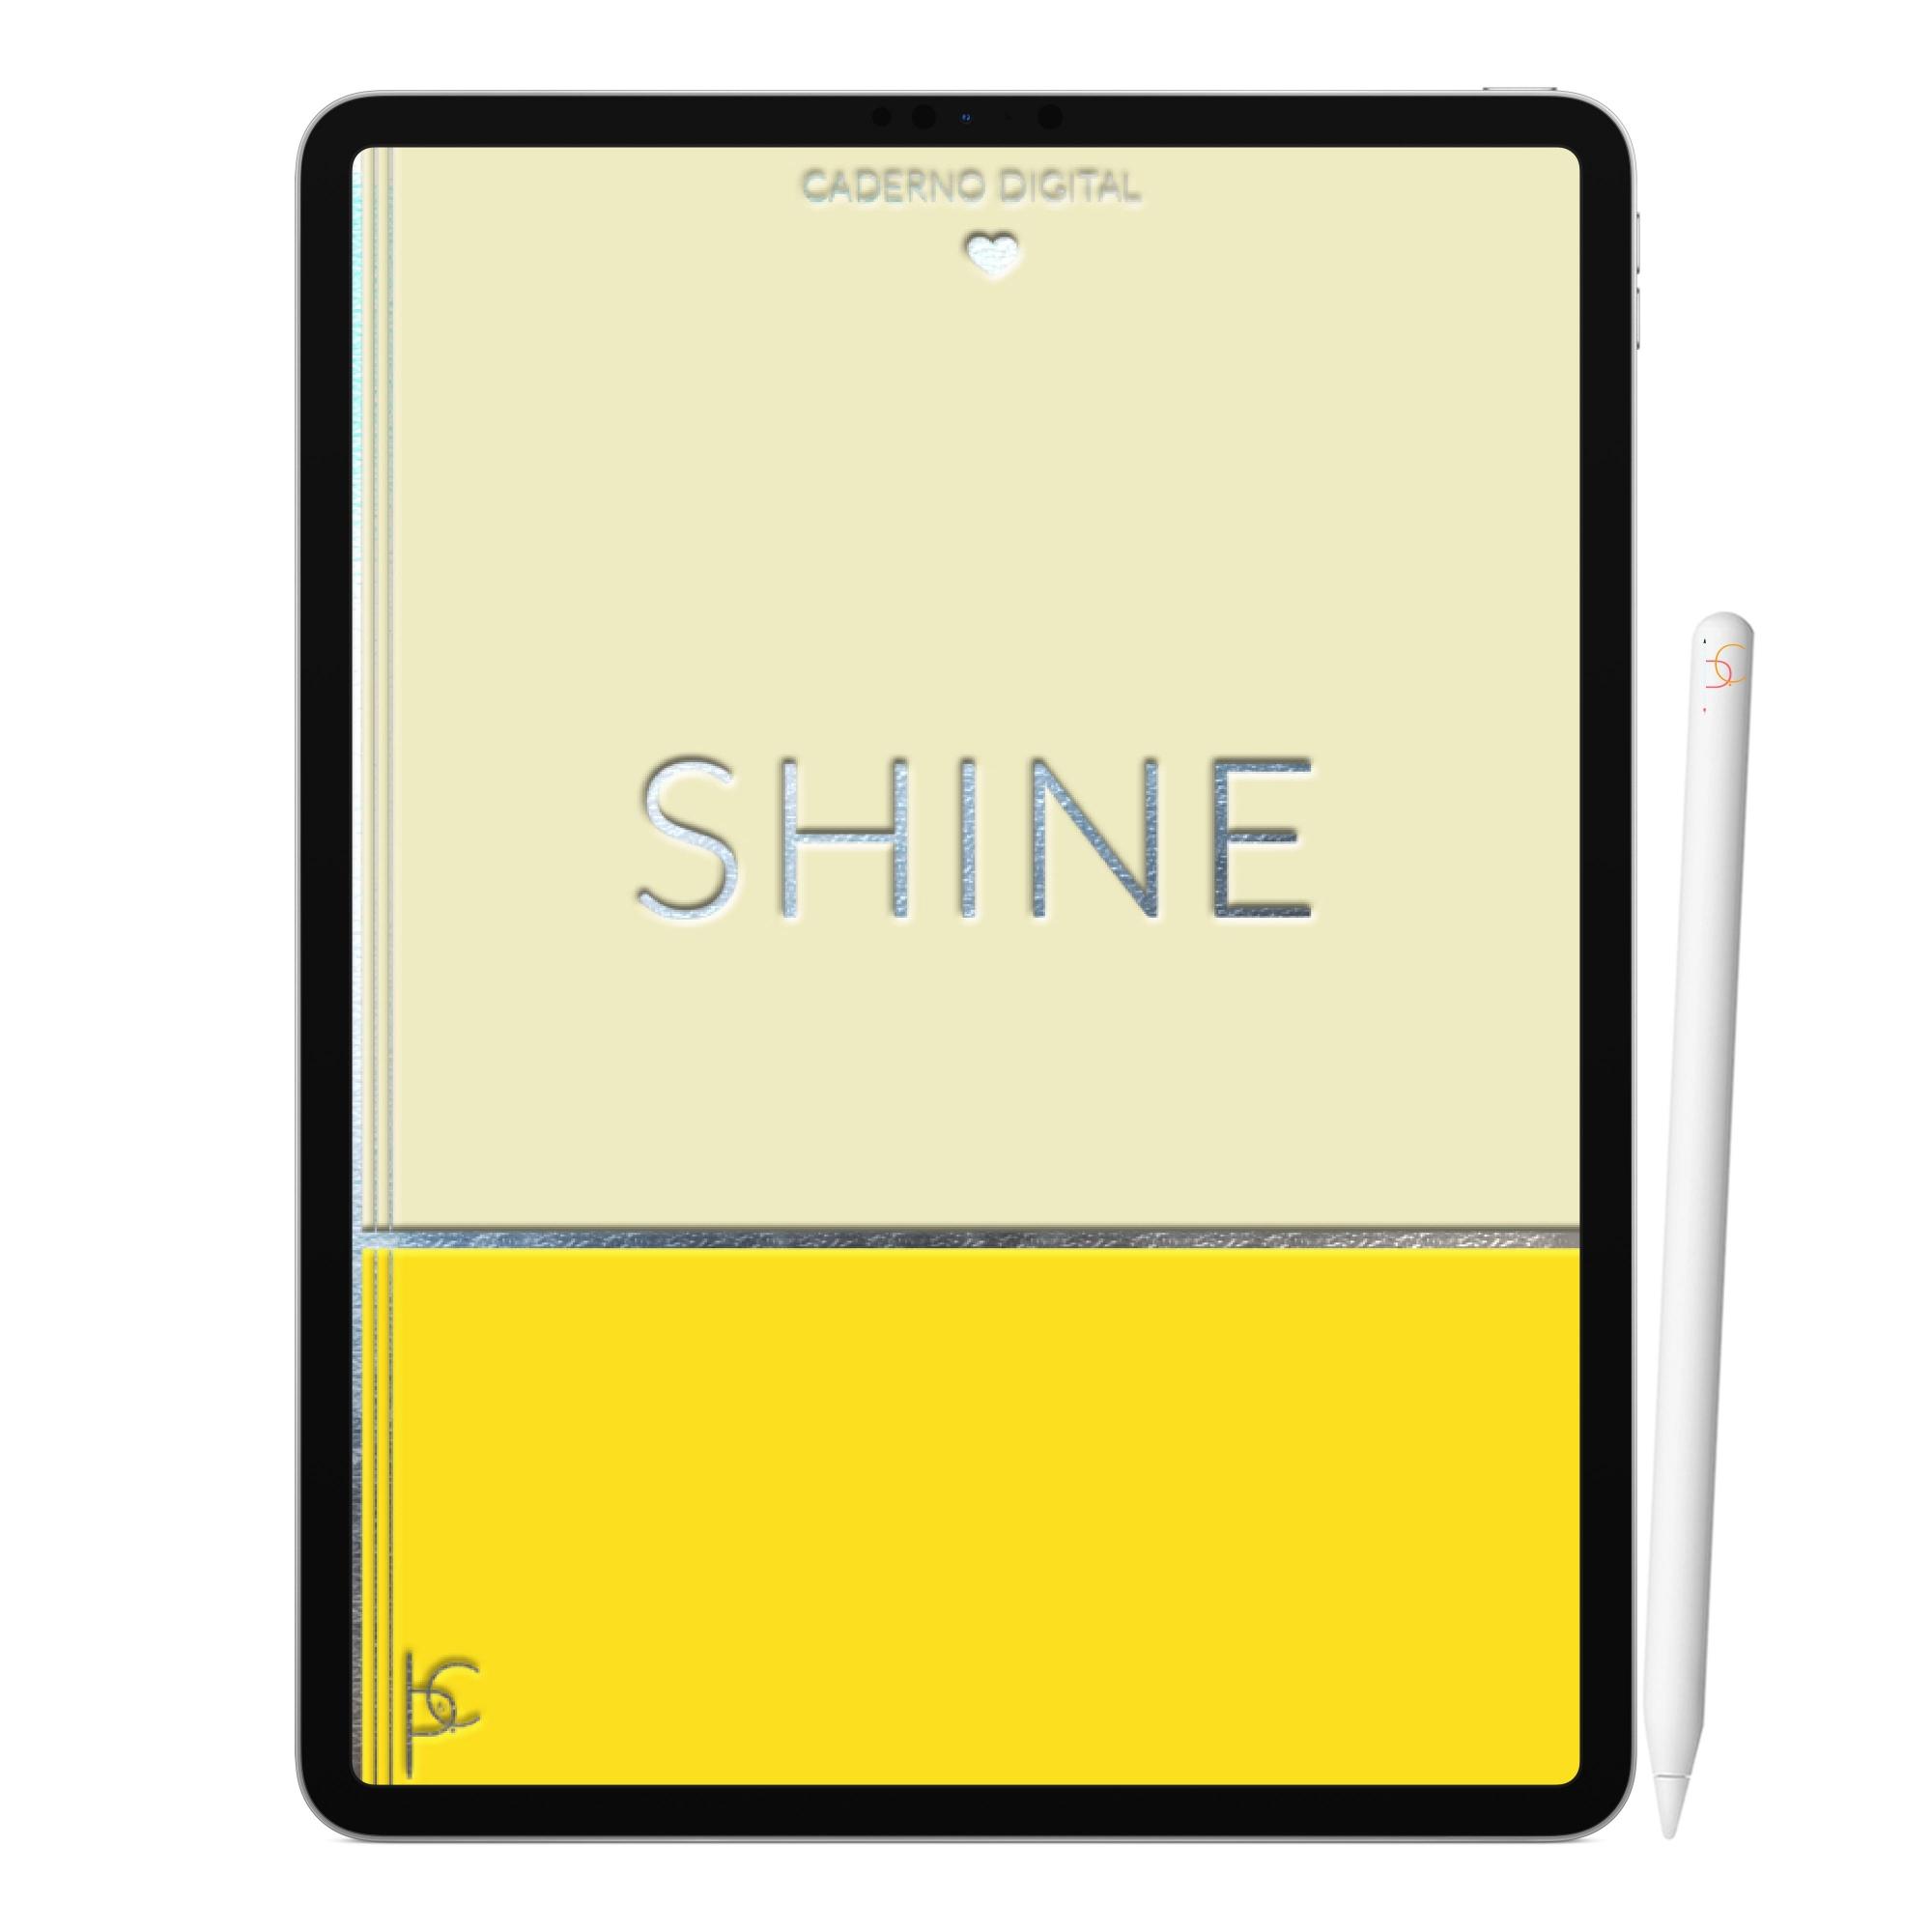 Caderno Digital Shine Brilhe | Duas Matérias Interativo| iPad Tablet | Download Instantâneo